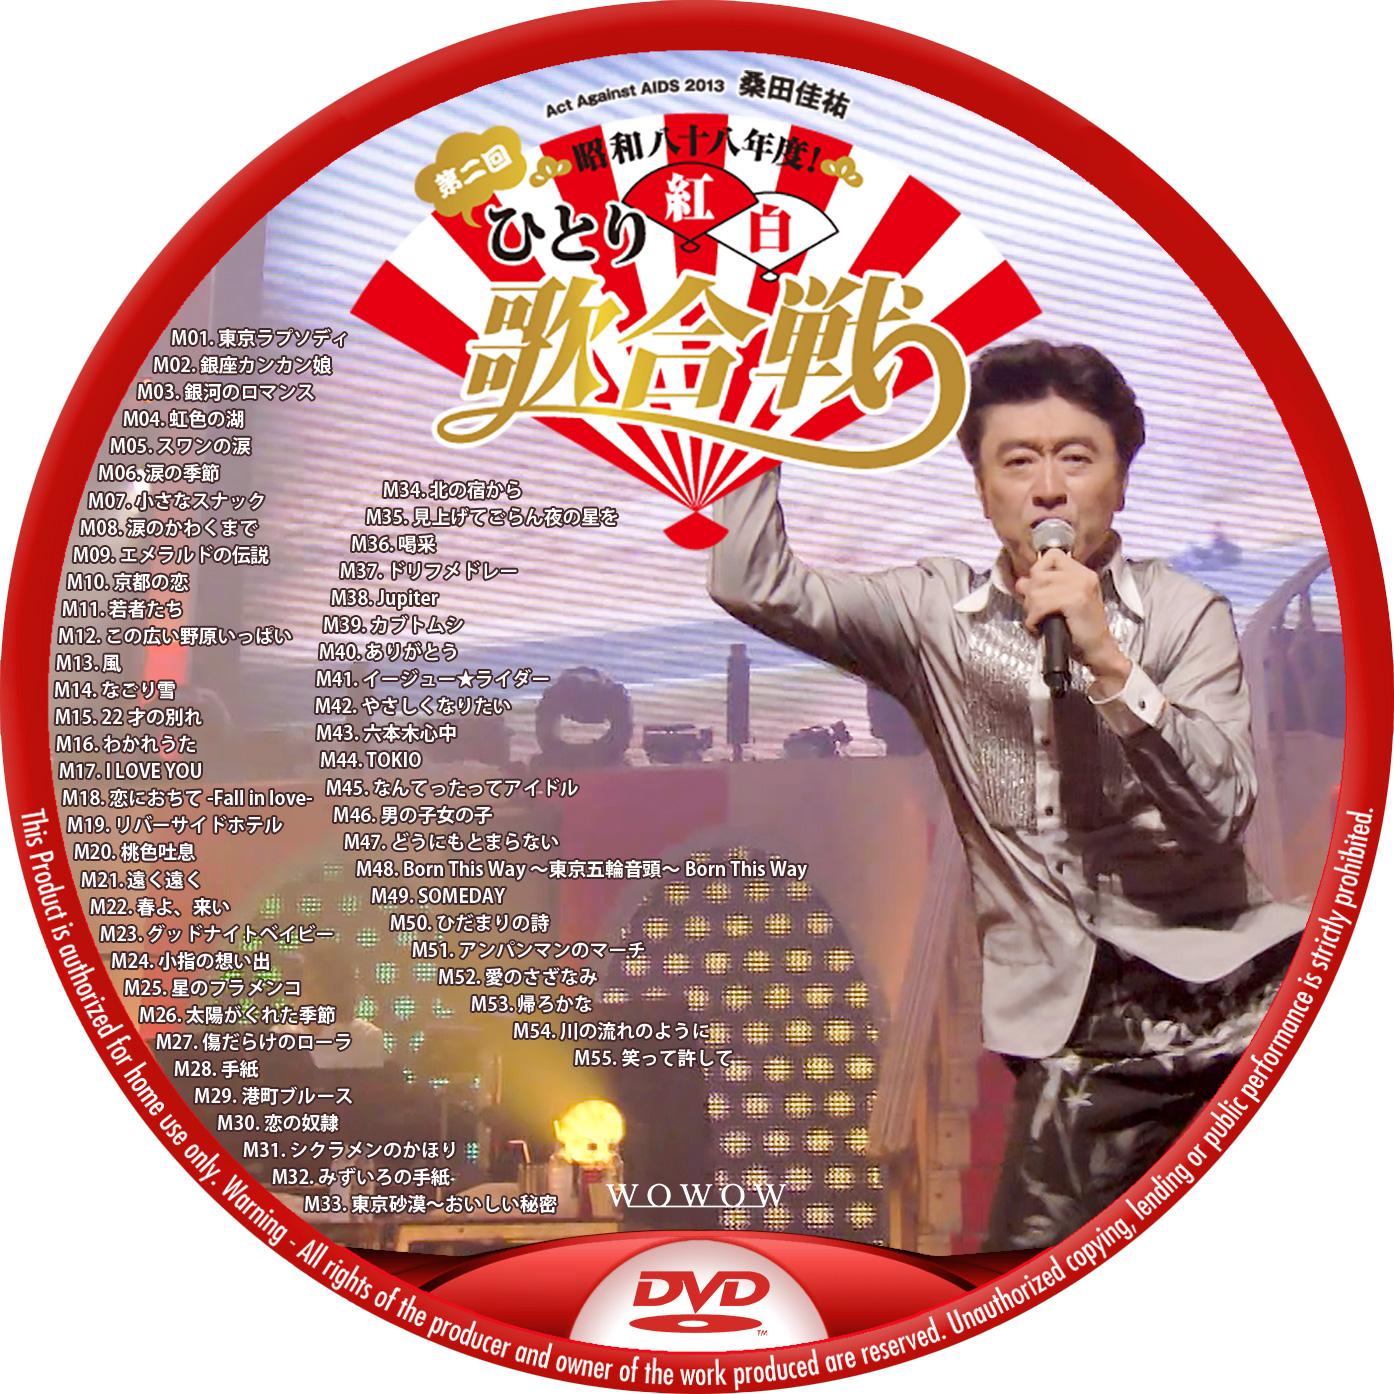 ひとり紅白歌合戦 DVDラベル01